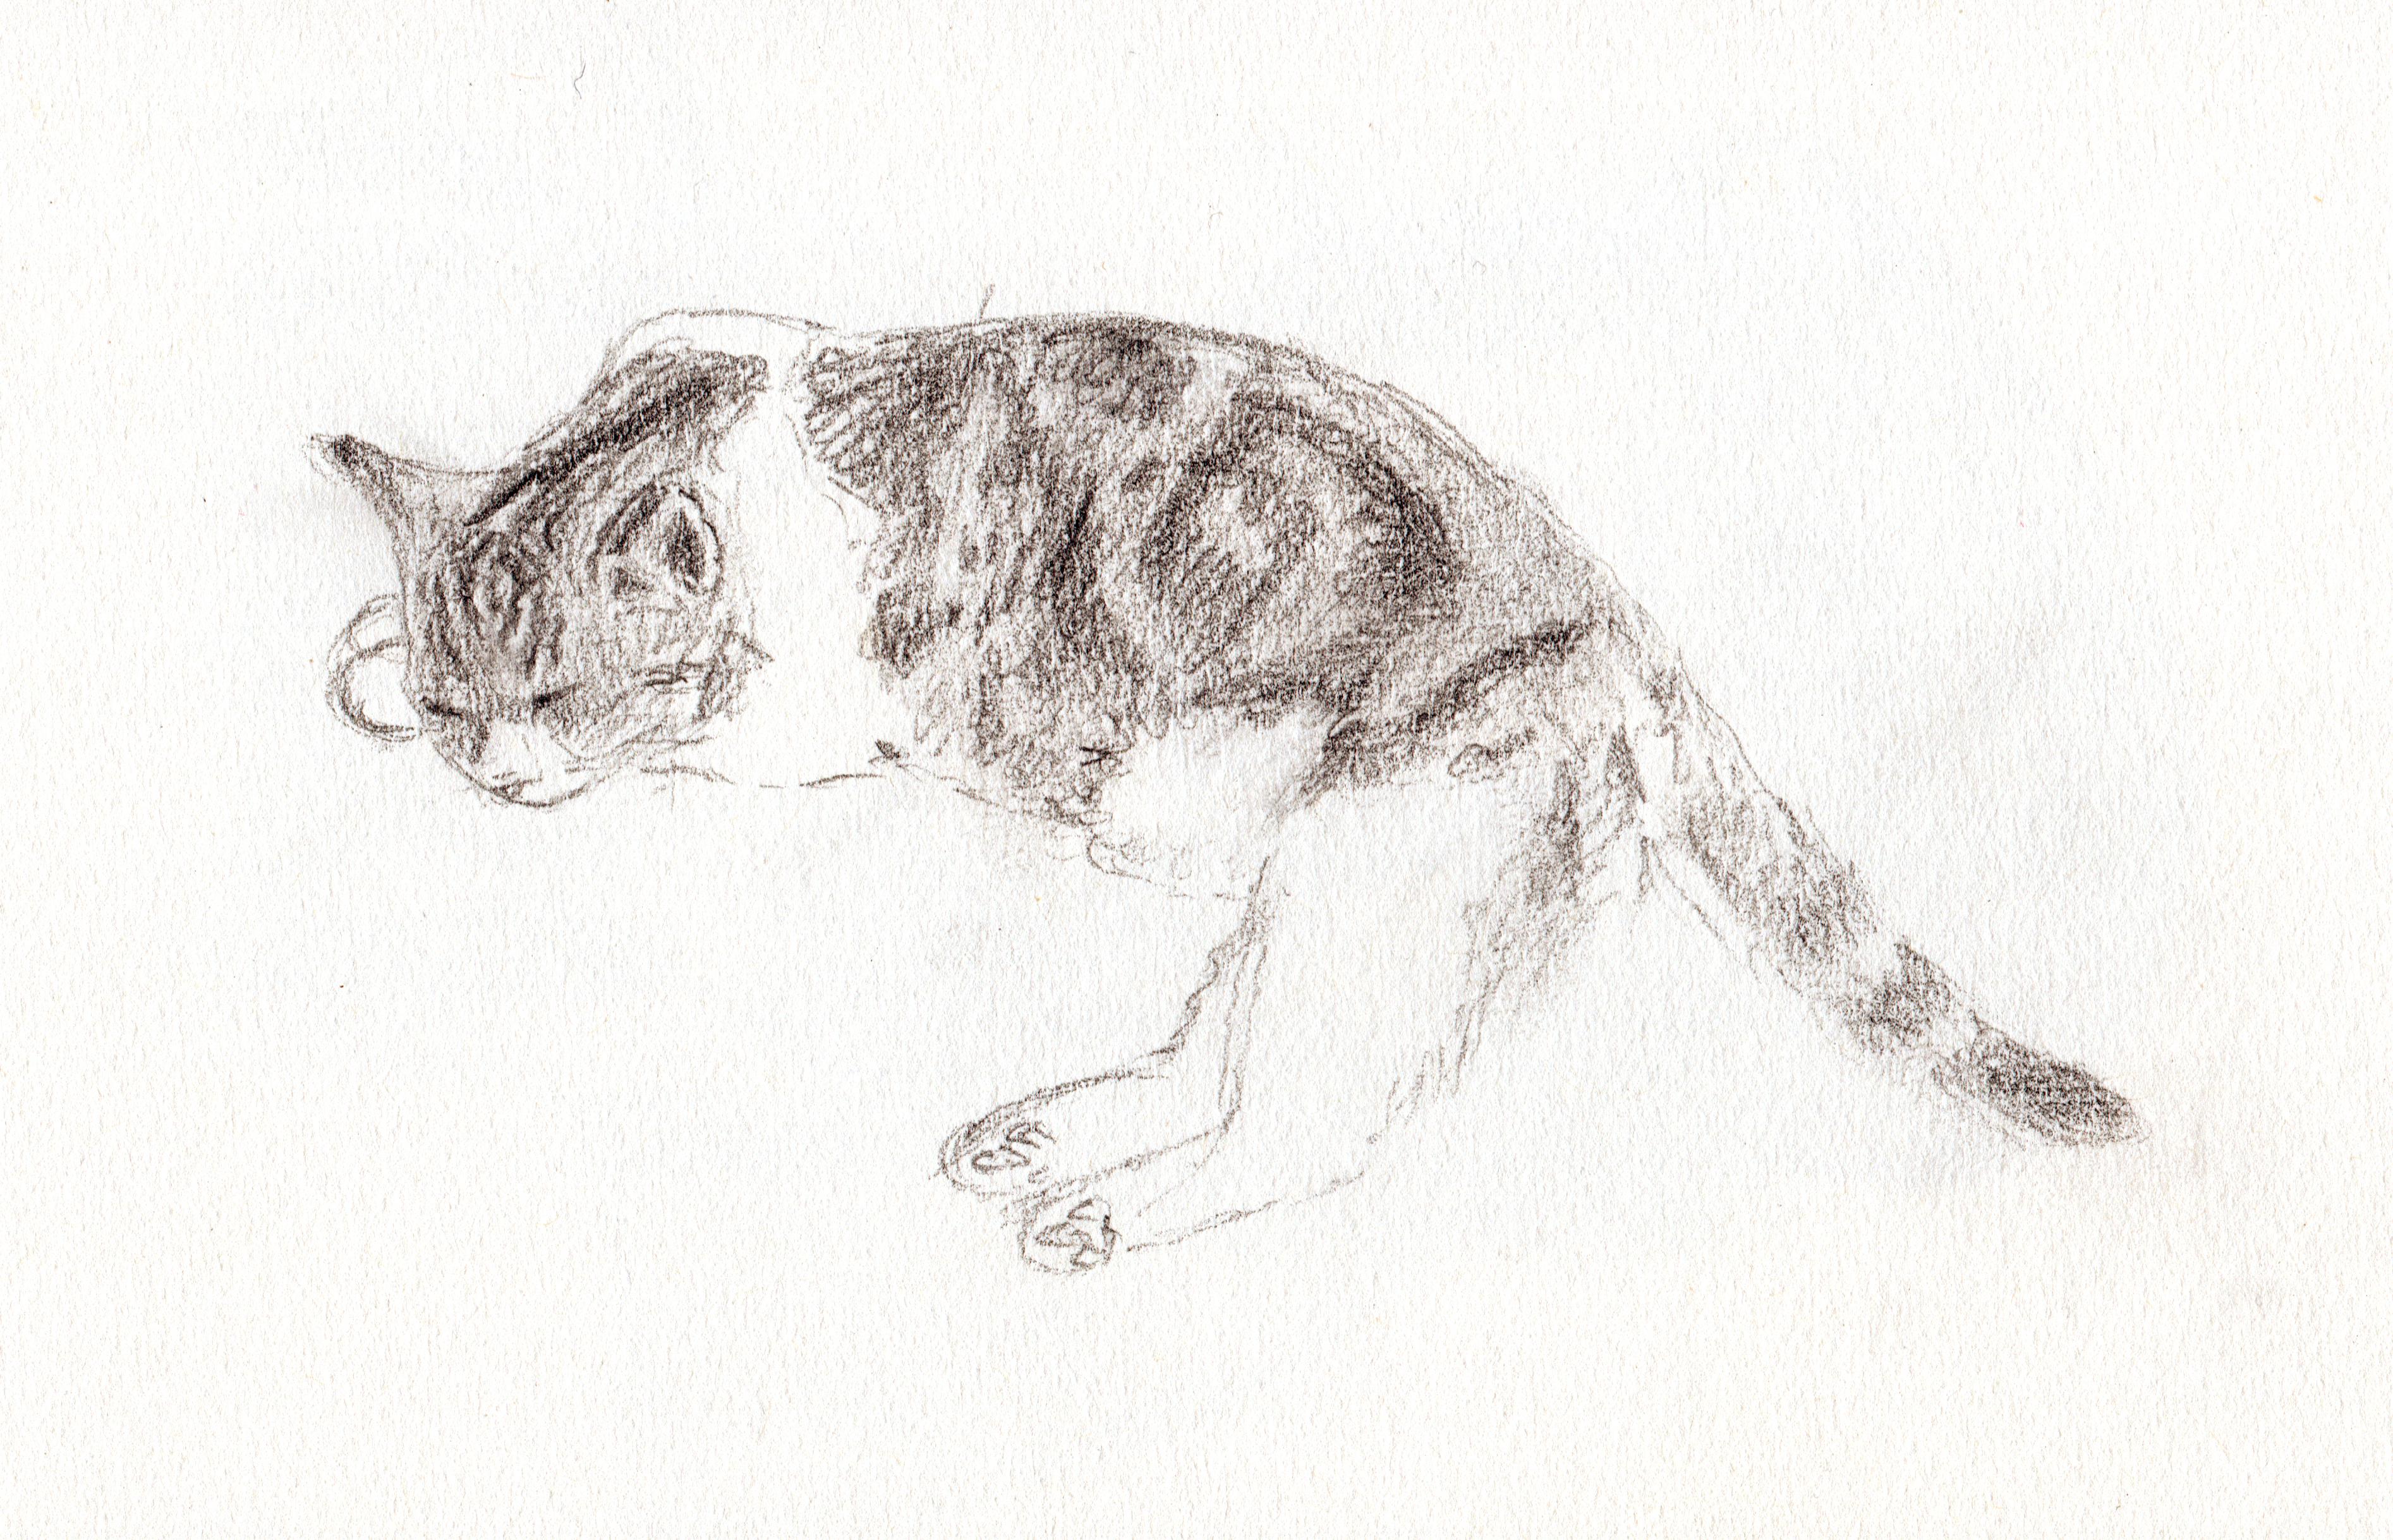 lilith sketch